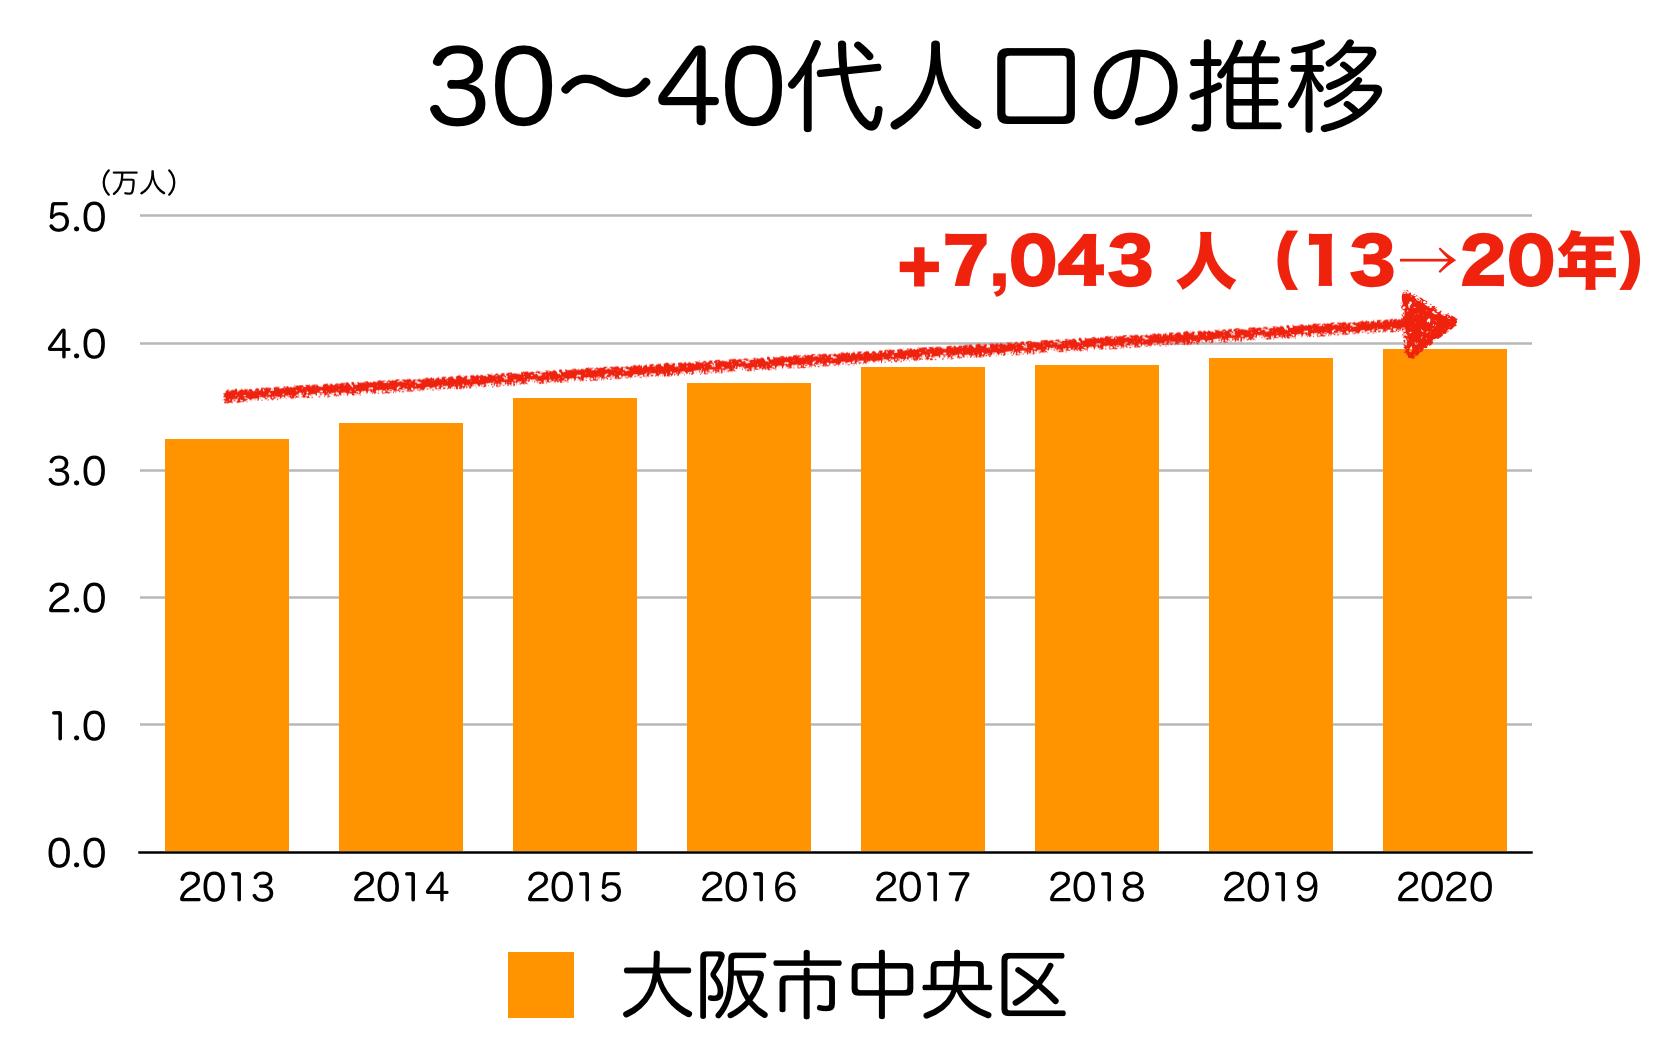 大阪市中央区の30〜40代人口の推移